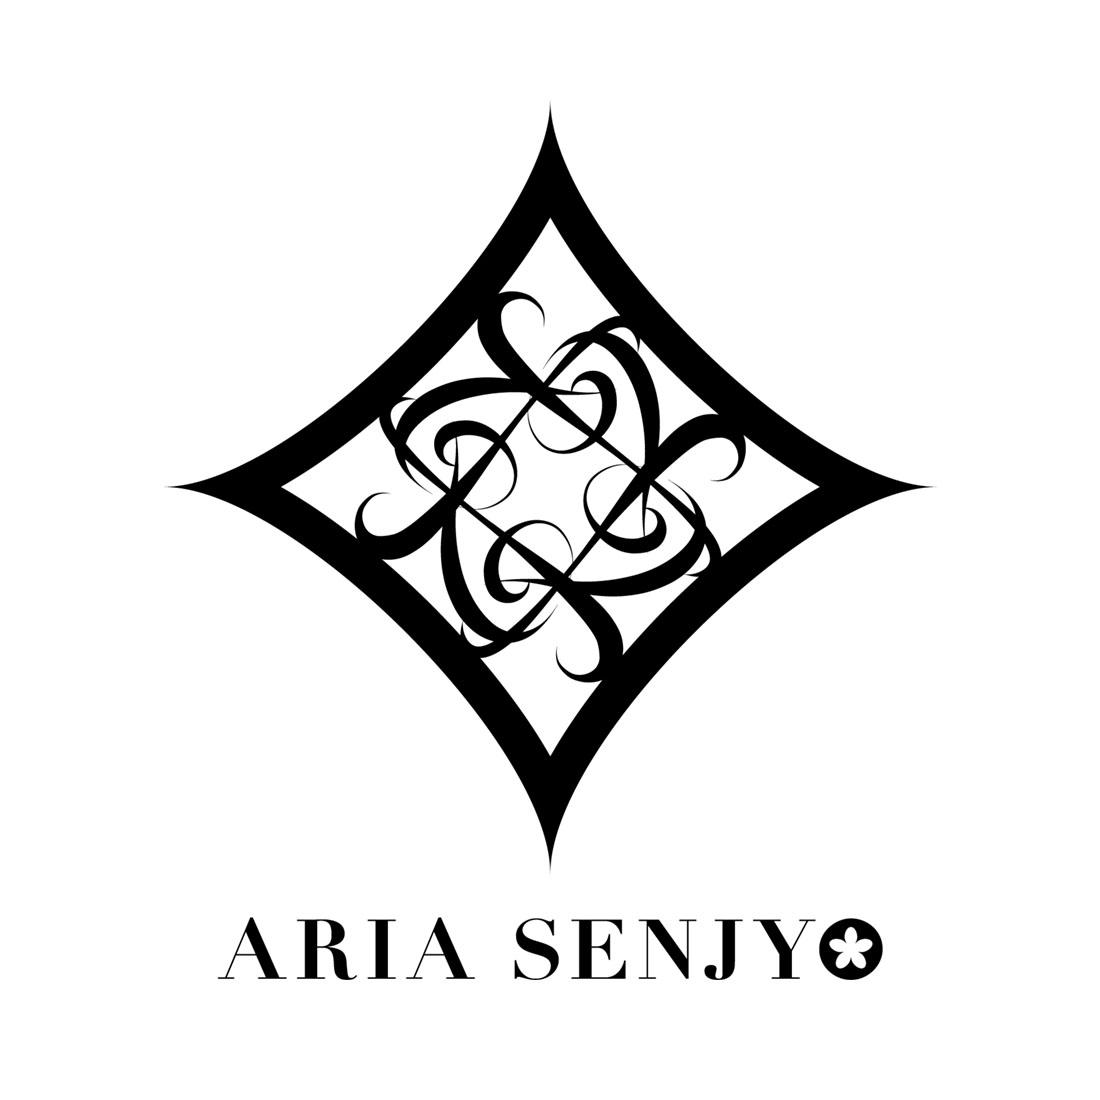 千条アリア ロゴ / エンブレムデザイン